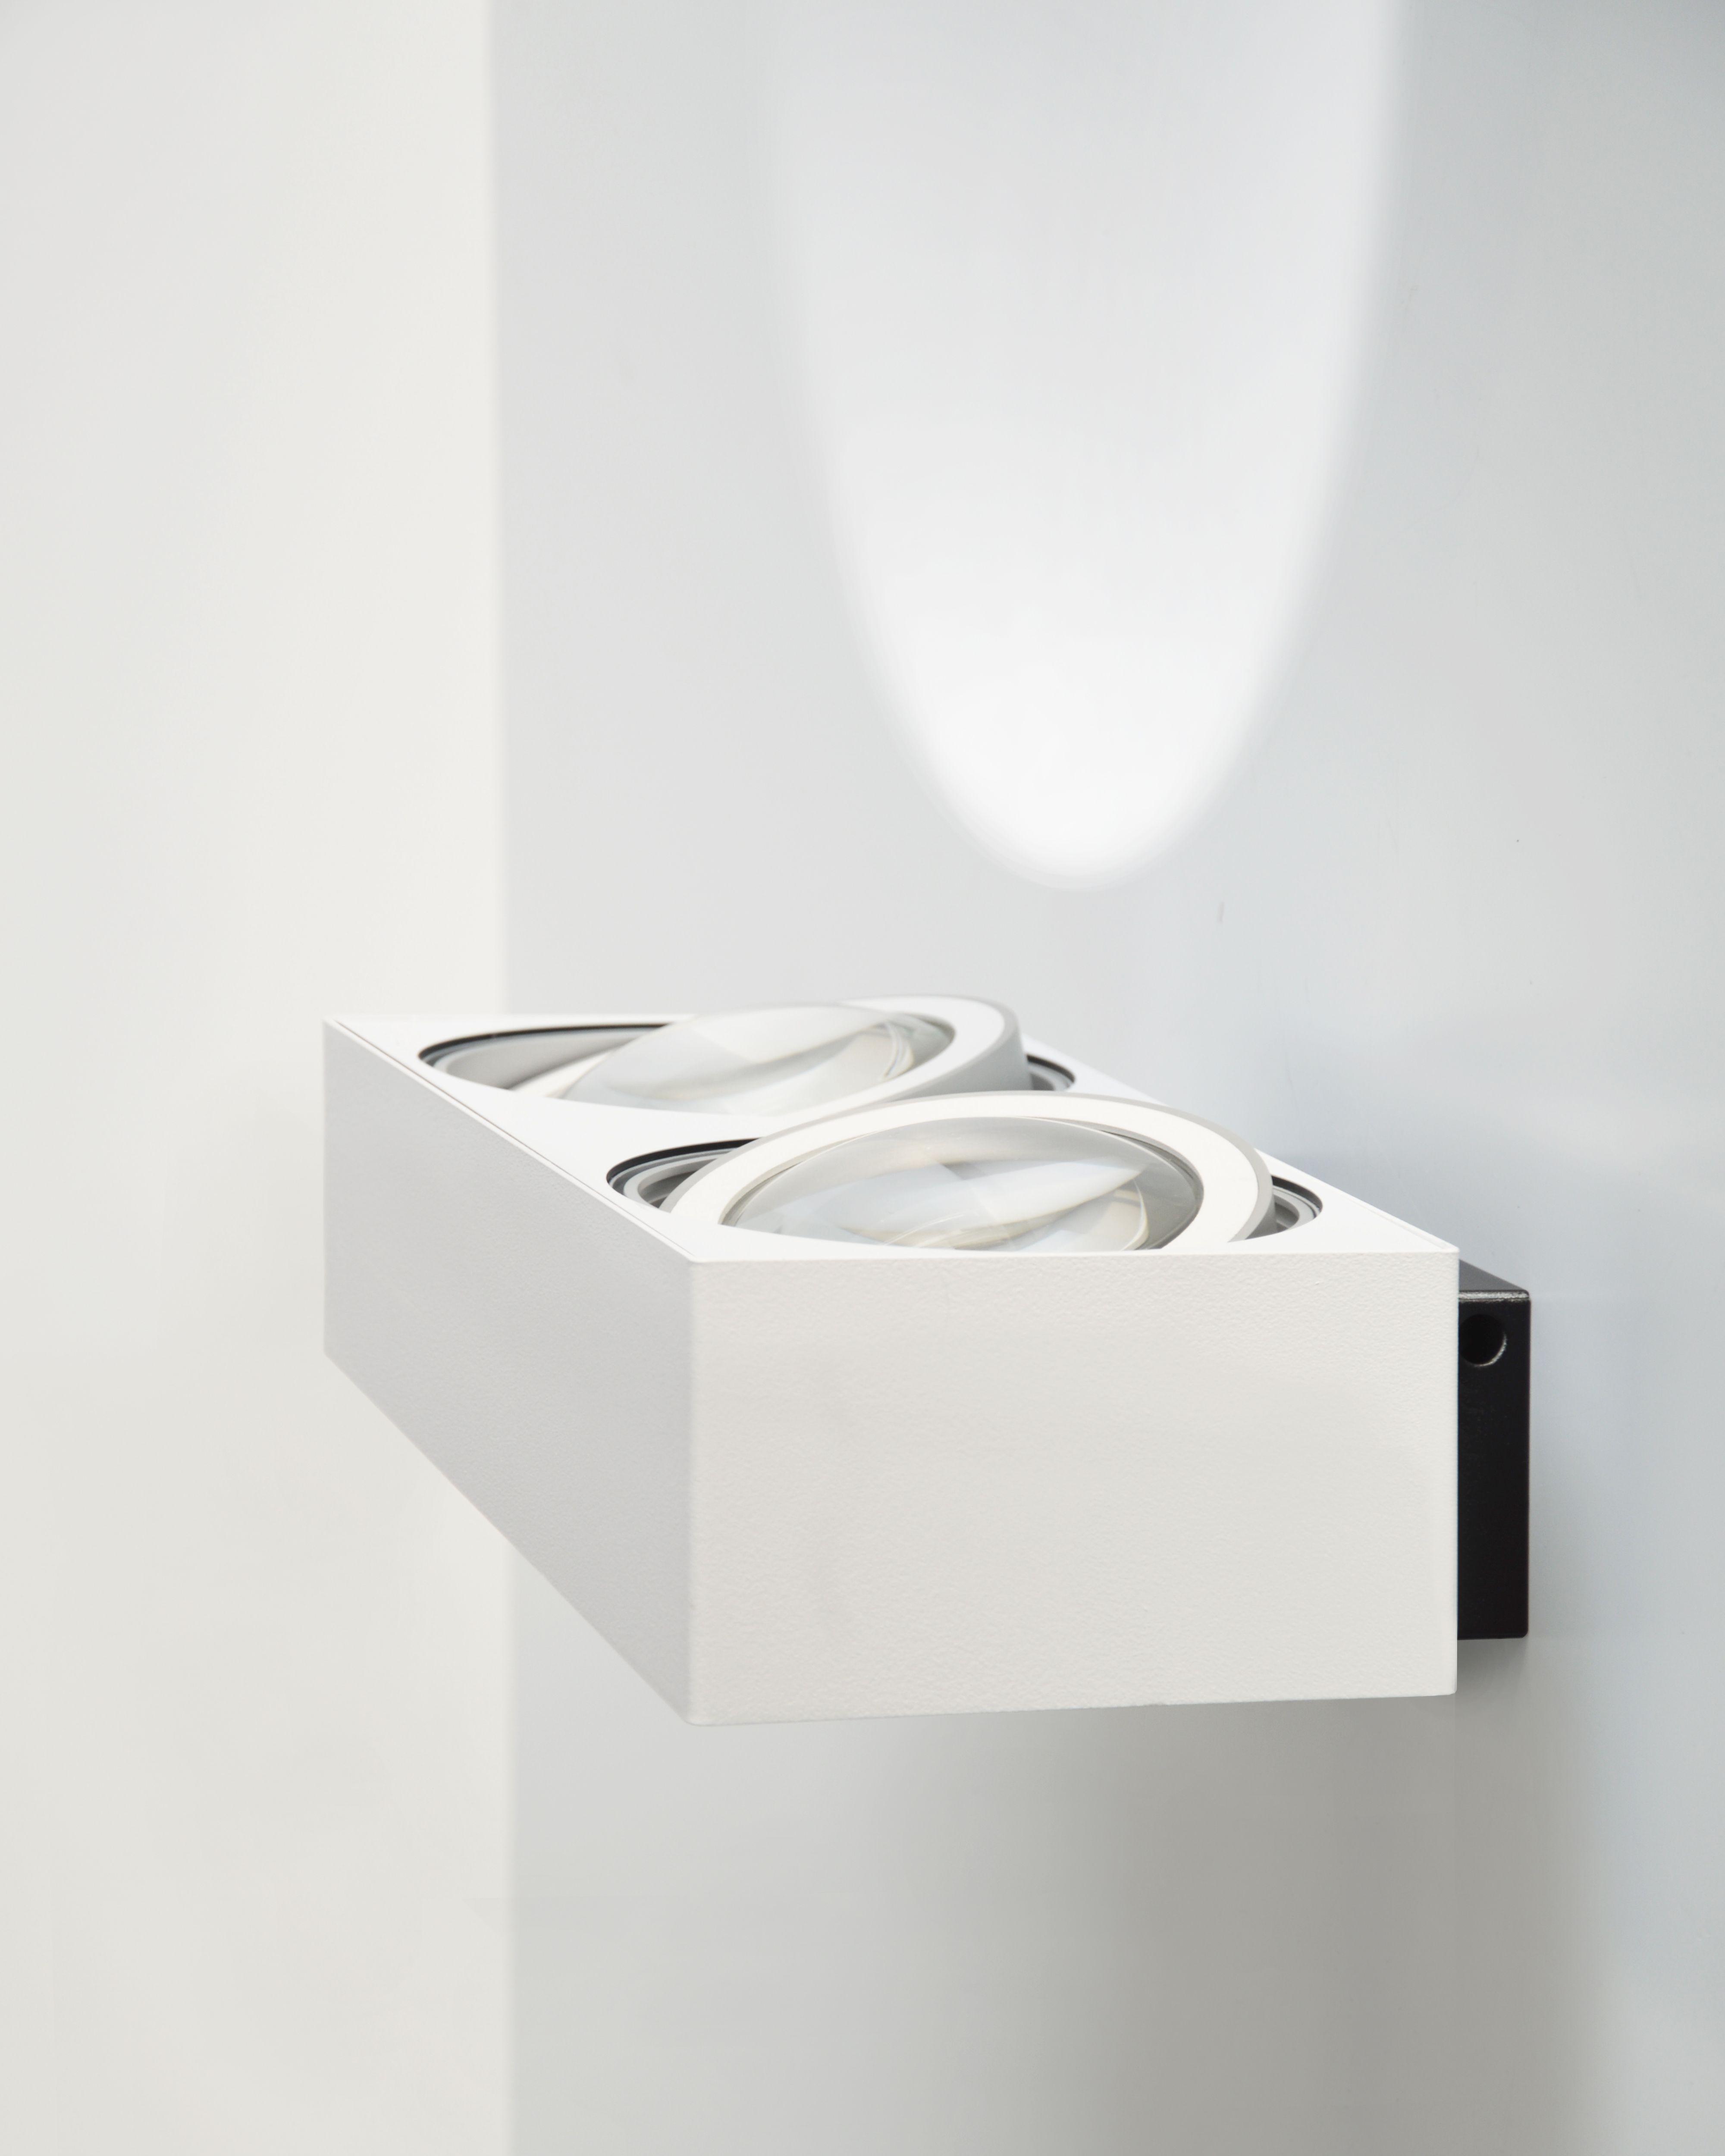 Vega - Bernd Beisse #Lampefeber #Design #Lighting #Lamp